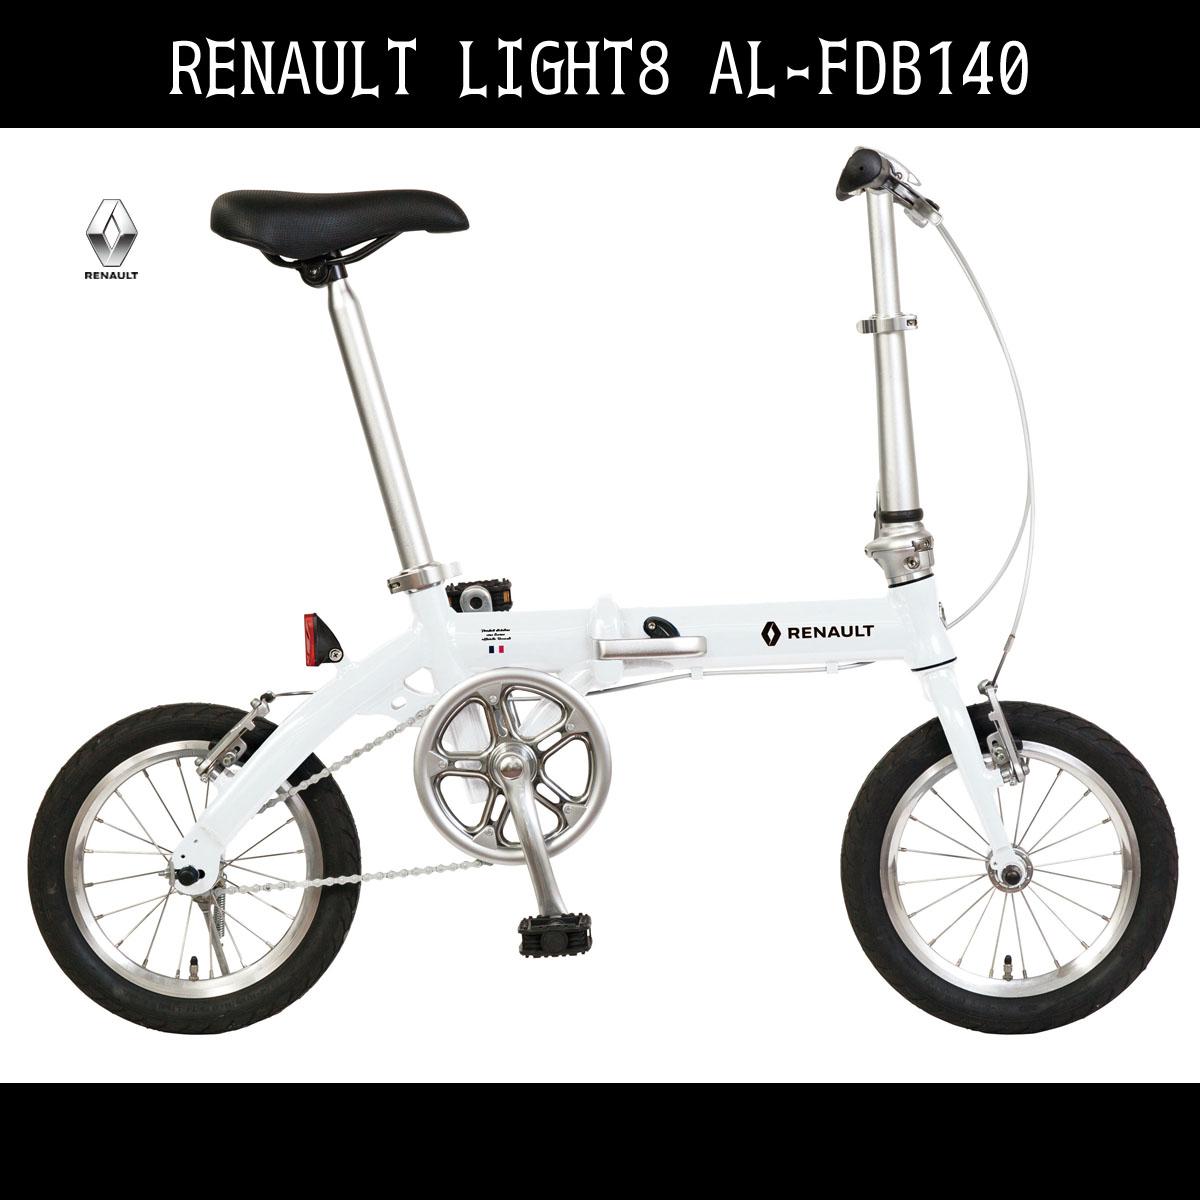 アルミニウム LIGHT8(AL-FDB140)(ライトエイト) 折りたたみ自転車 ギアなしルノー 軽量 ホワイト/白14インチ 折りたたみ自転車 ルノー(RENAULT)自転車 自転車 送料無料 軽量 おしゃれ